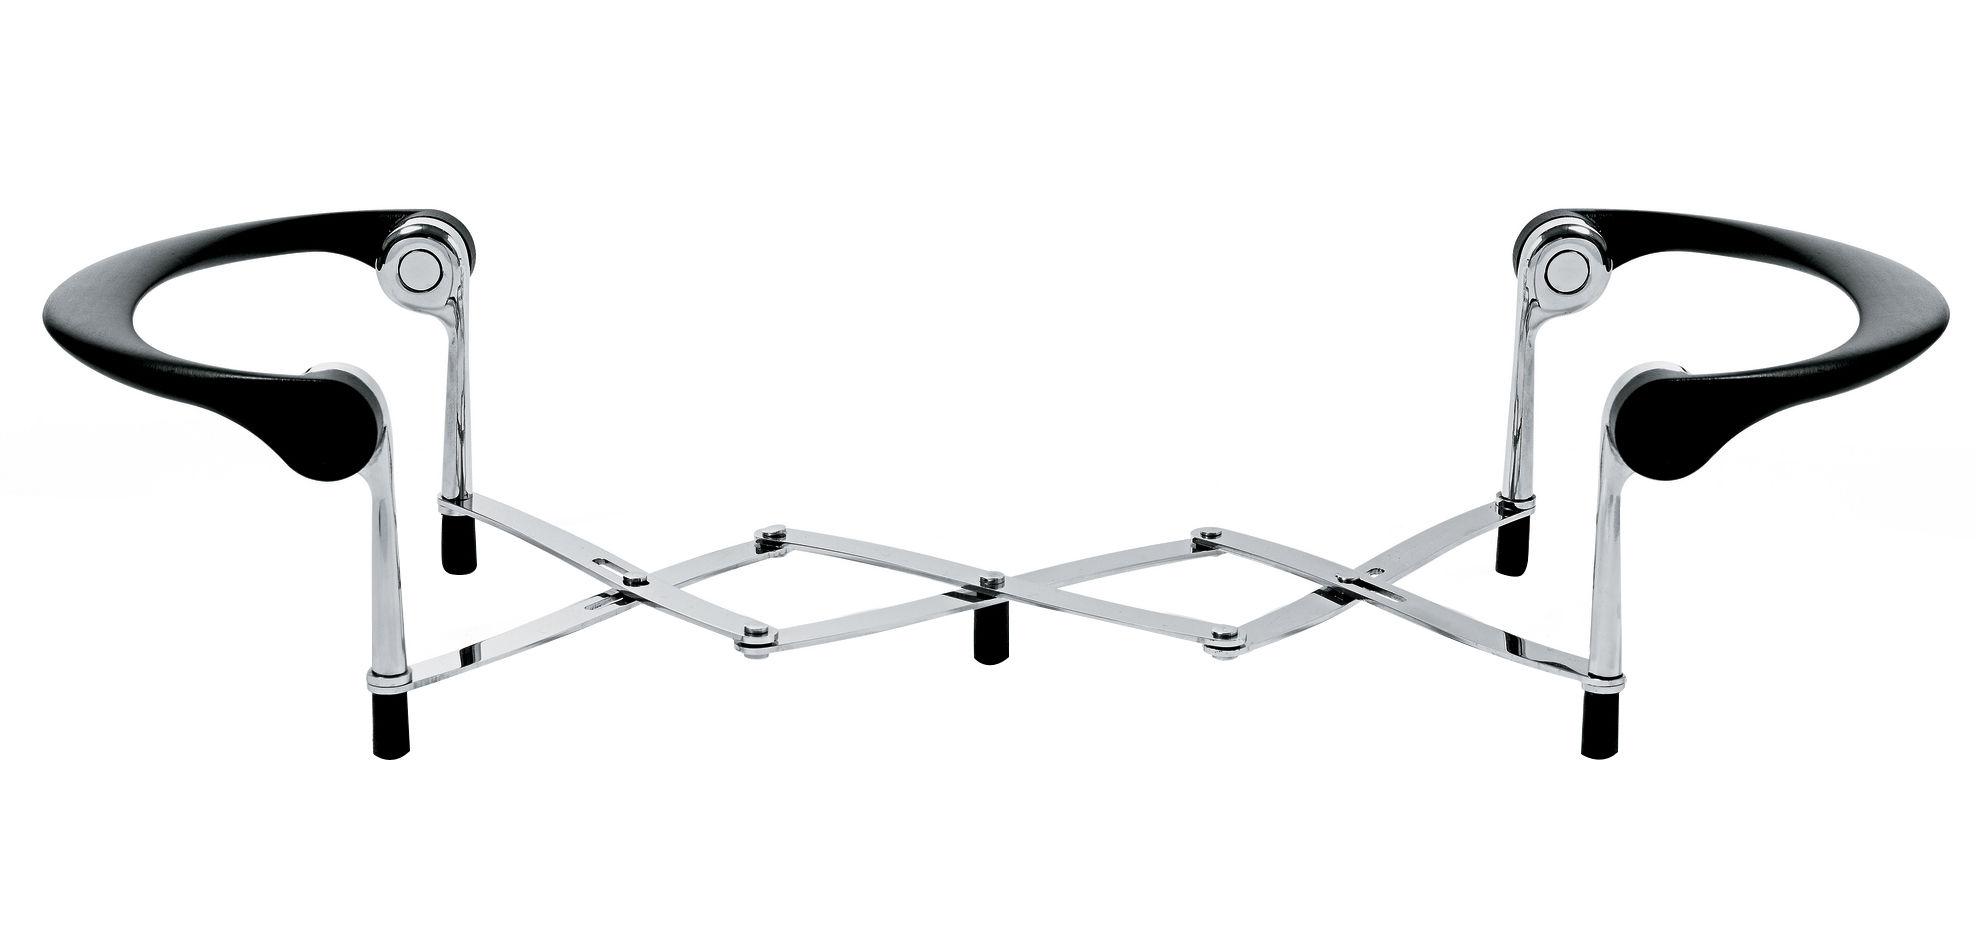 Tischkultur - Topfuntersetzer - Pipiro Topfuntersetzer Ausziehbarer Tisch-Untersetzer - Alessi - Stahl poliert glänzend / Schwarz - Polyamid, rostfreier Stahl